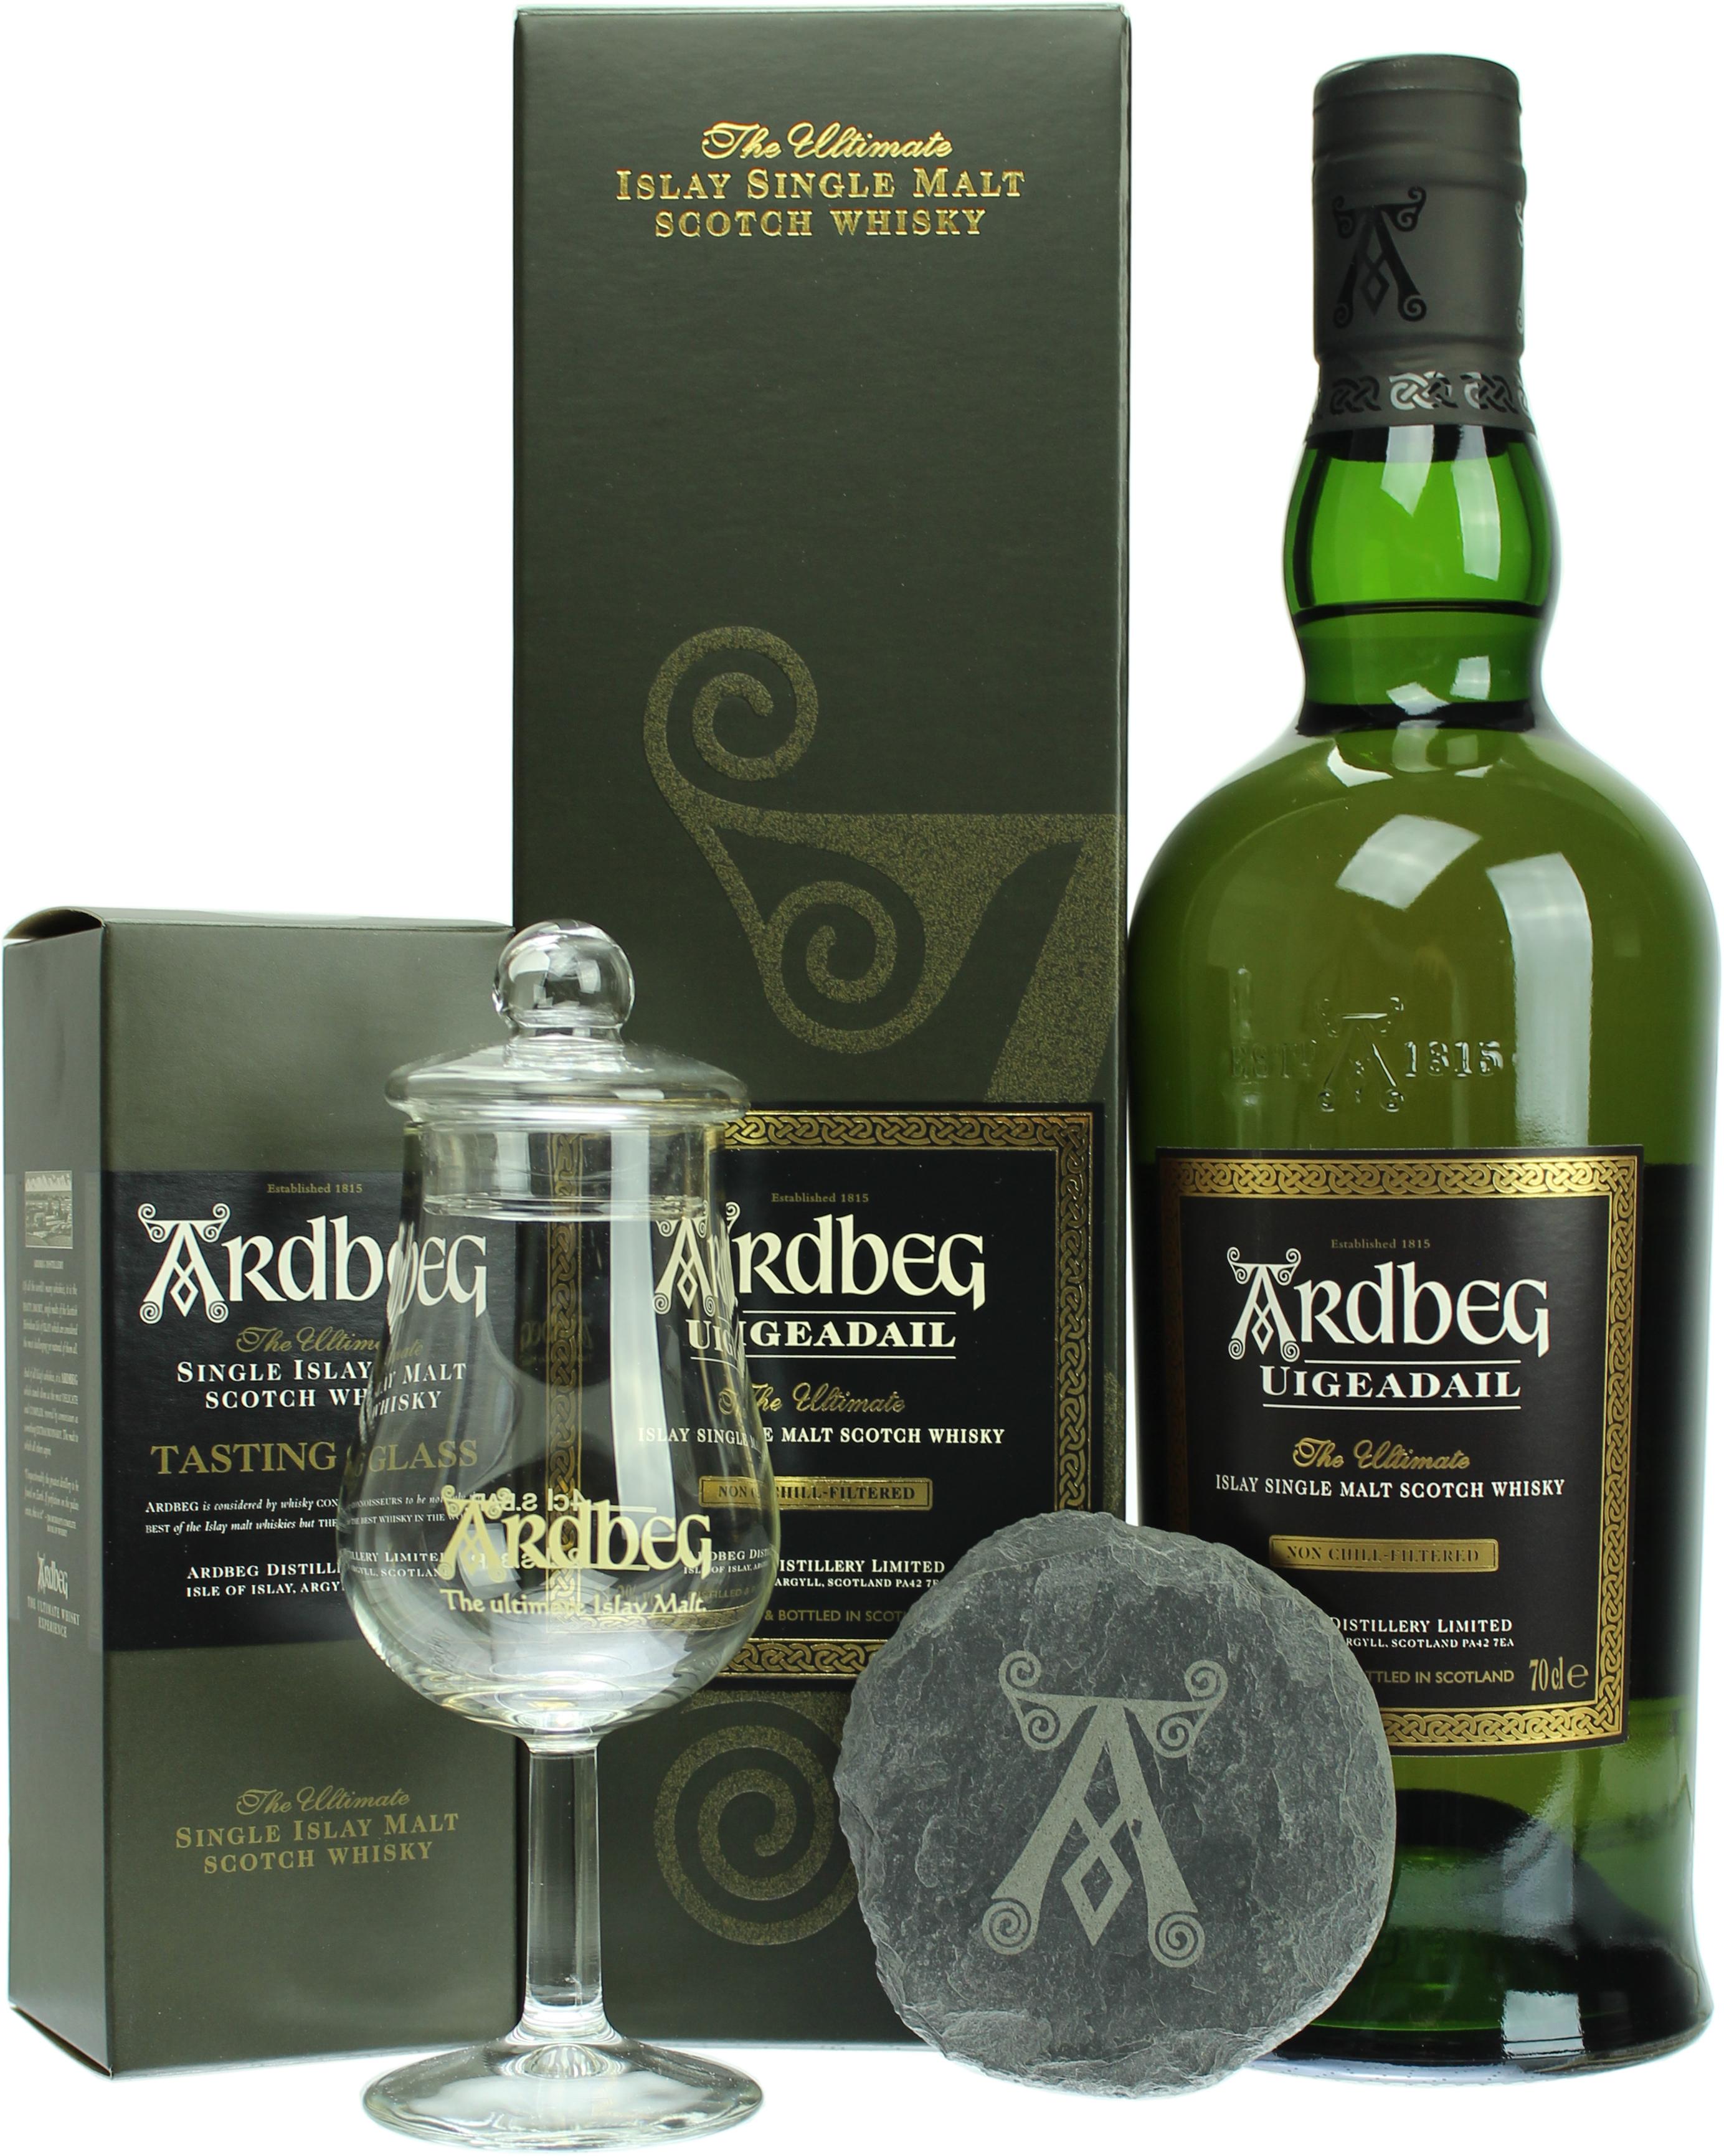 Whisky: Ardbeg Uigeadail 0,7l Geschenkset mit Nosingglas mit Deckel und Schiefer-Untersetzer (ab 75 Euro versandkostenfrei ==> 57,80 €)